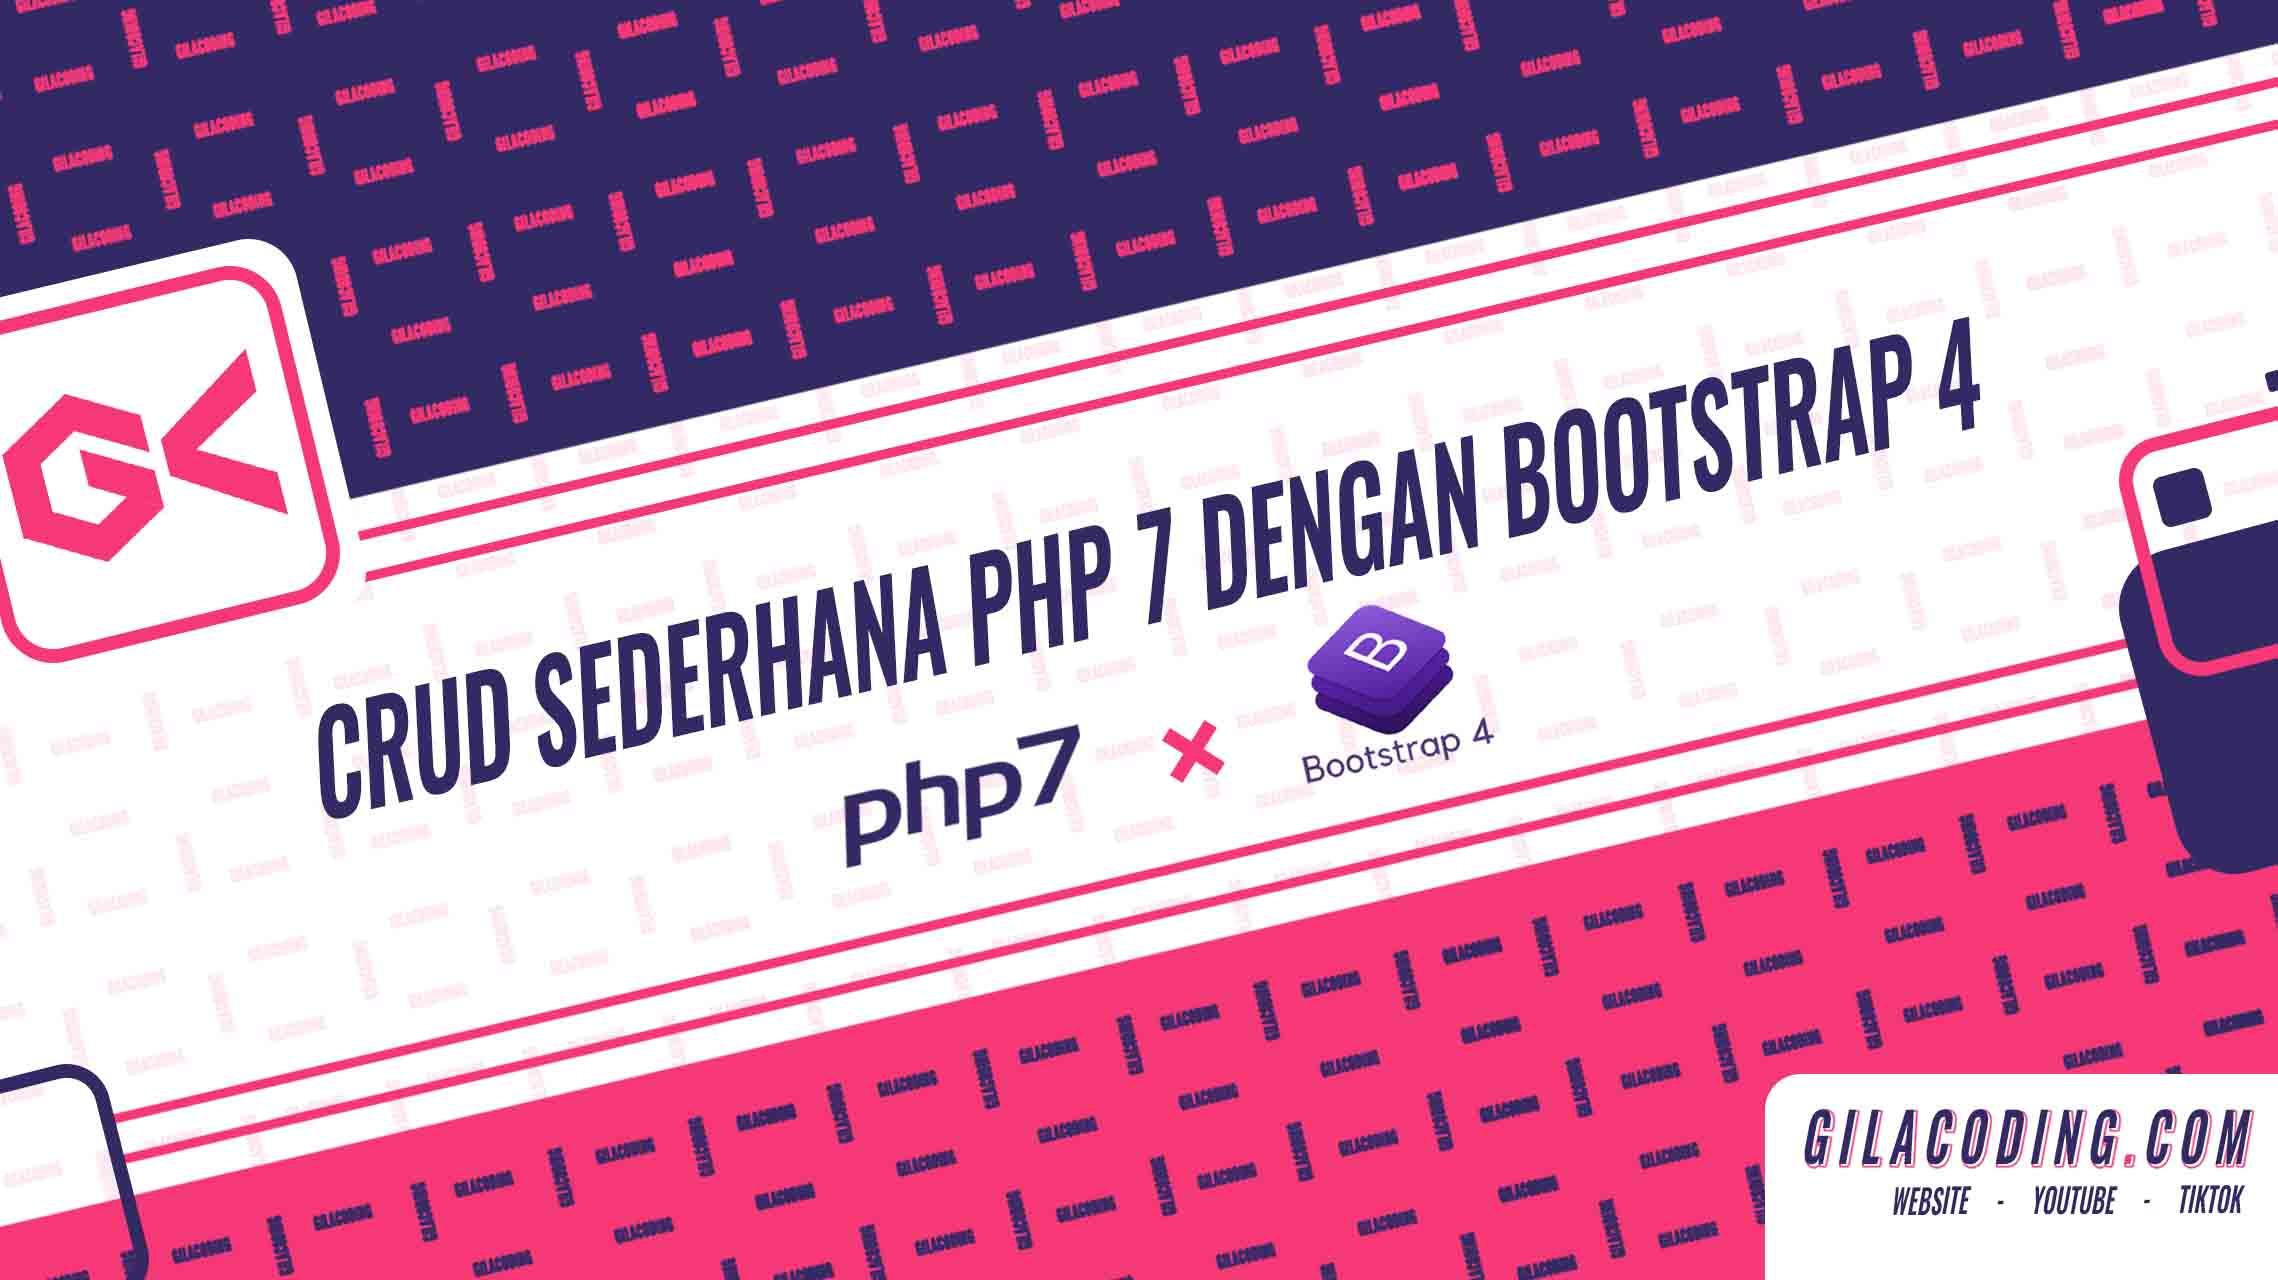 CRUD PHP 7 Sederhana dengan Bootstrap 4 - Tutorial Web